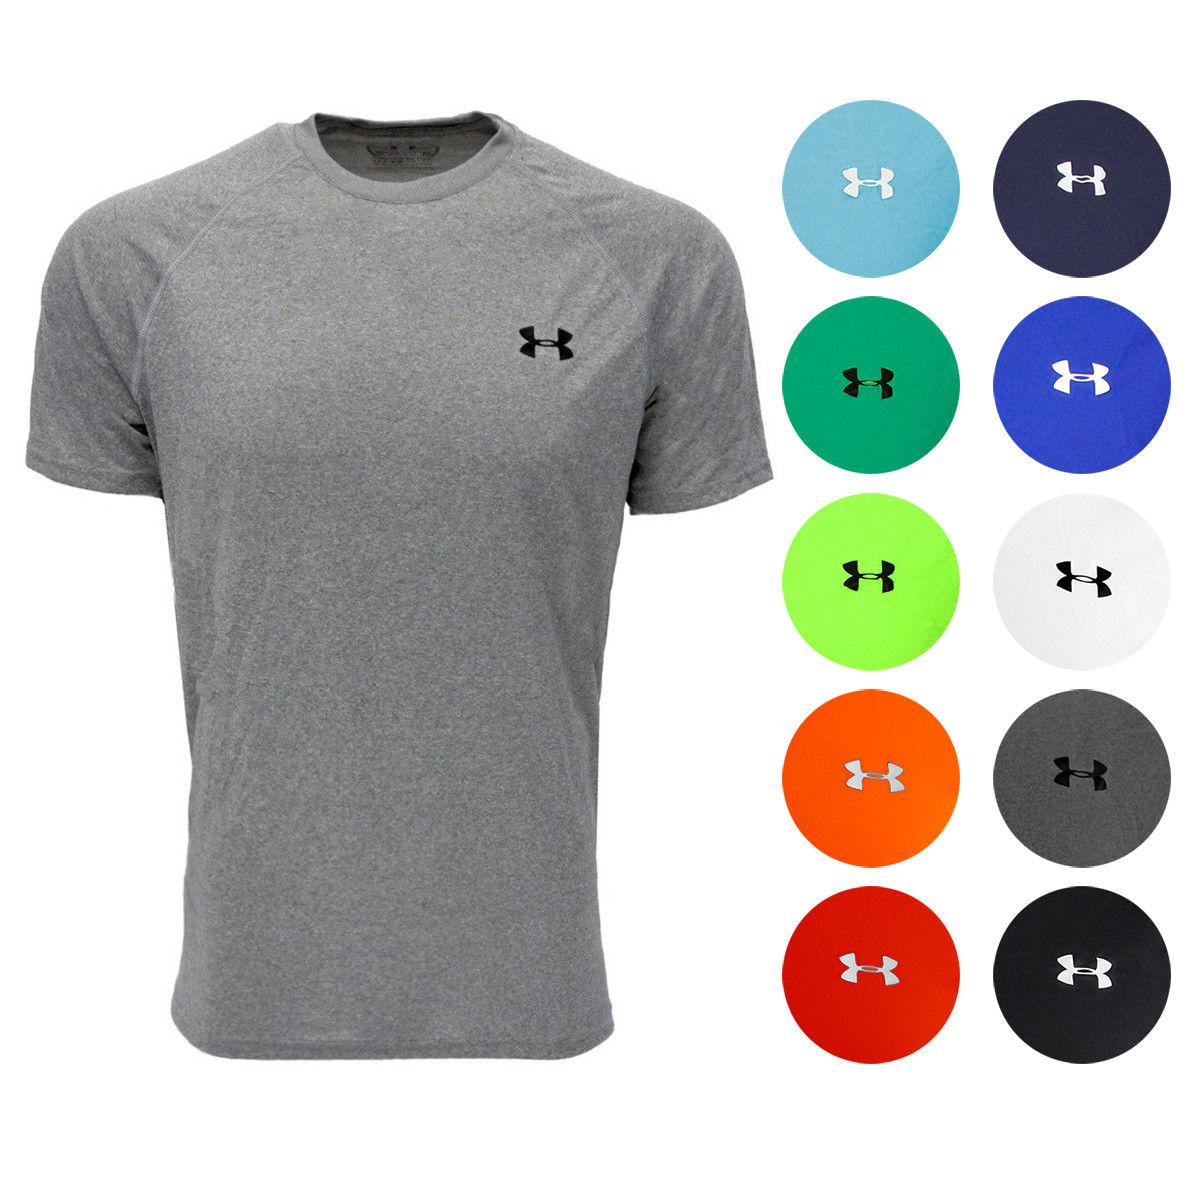 Under Armour Men's UA Tech T-Shirt - $14.99